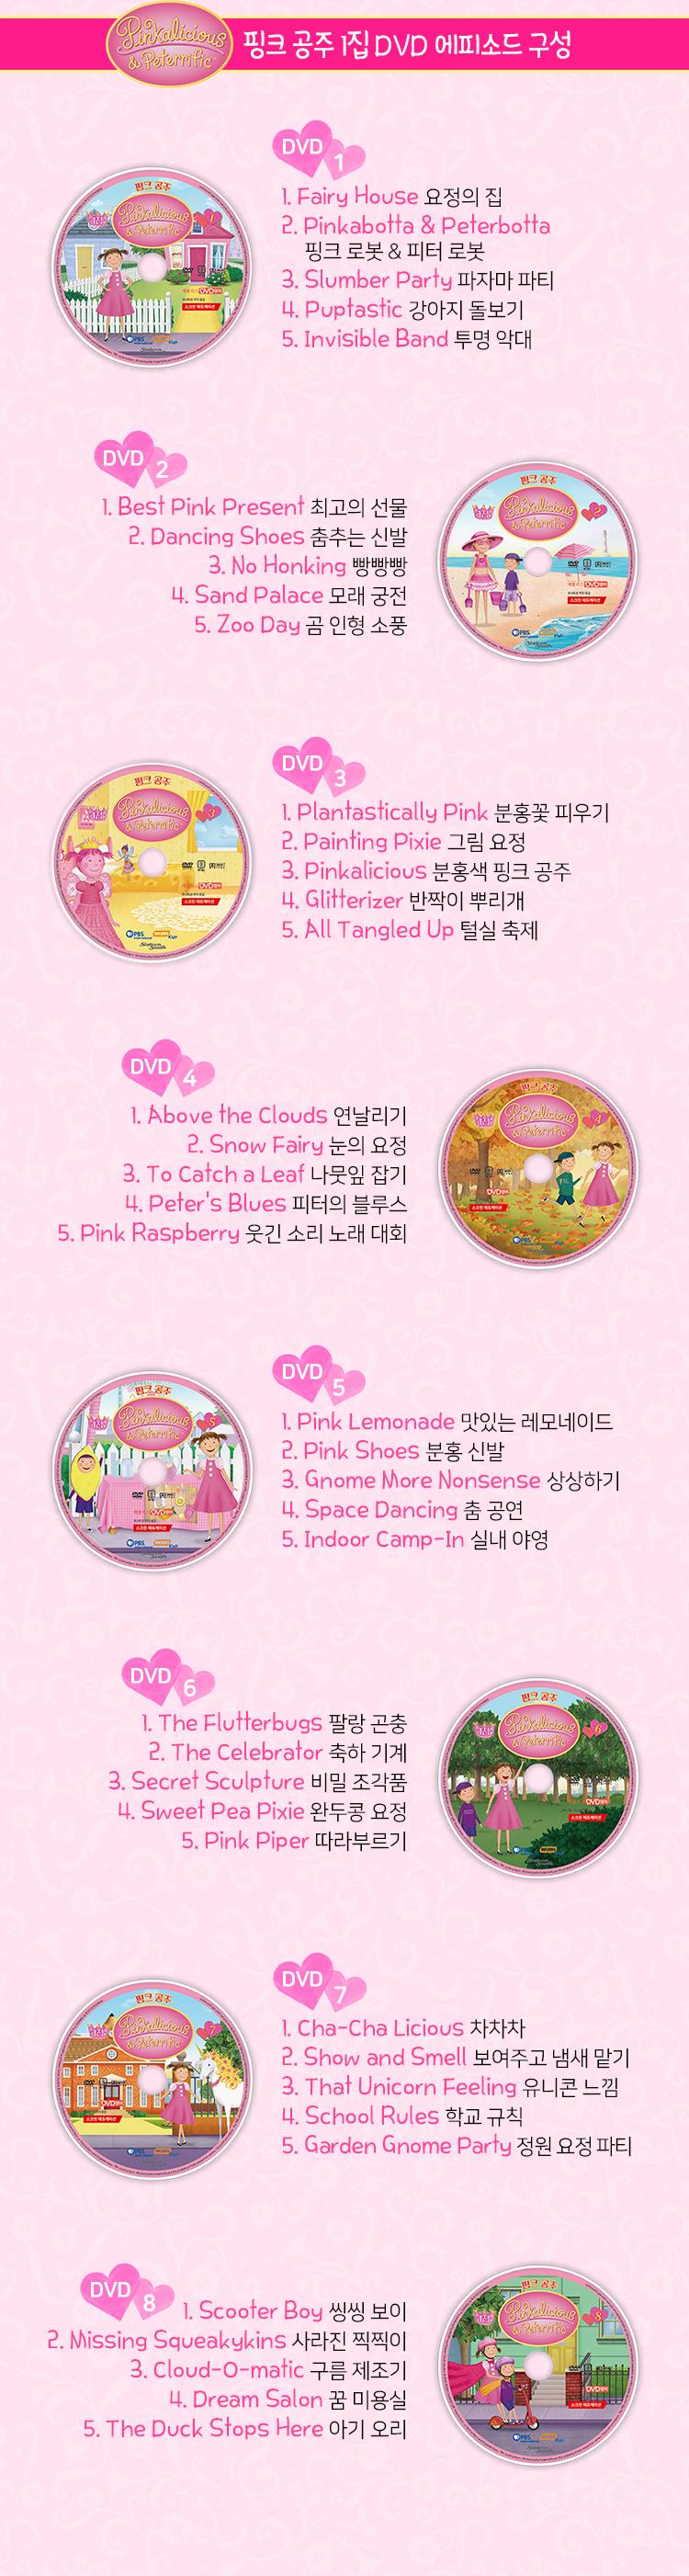 핑크 공주 1집 에피소드 구성